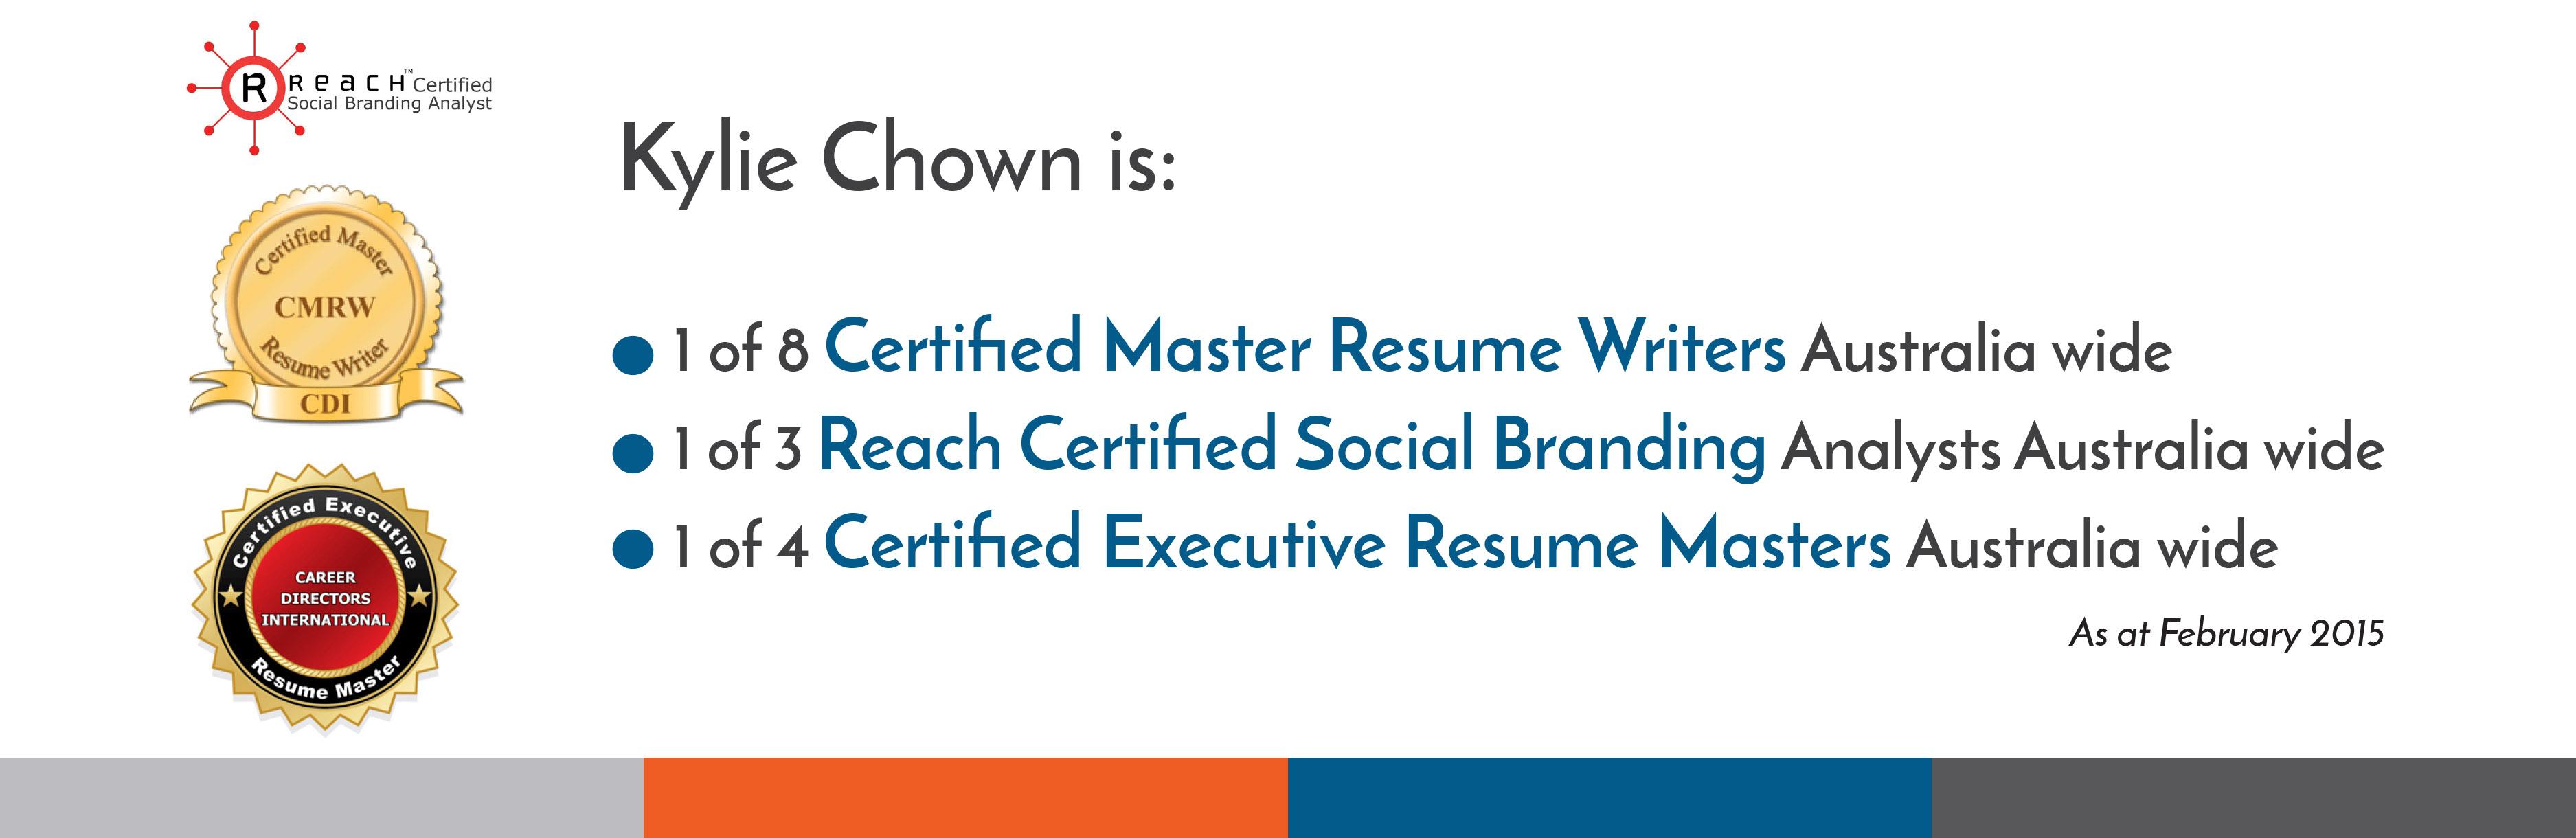 Certified resume writer